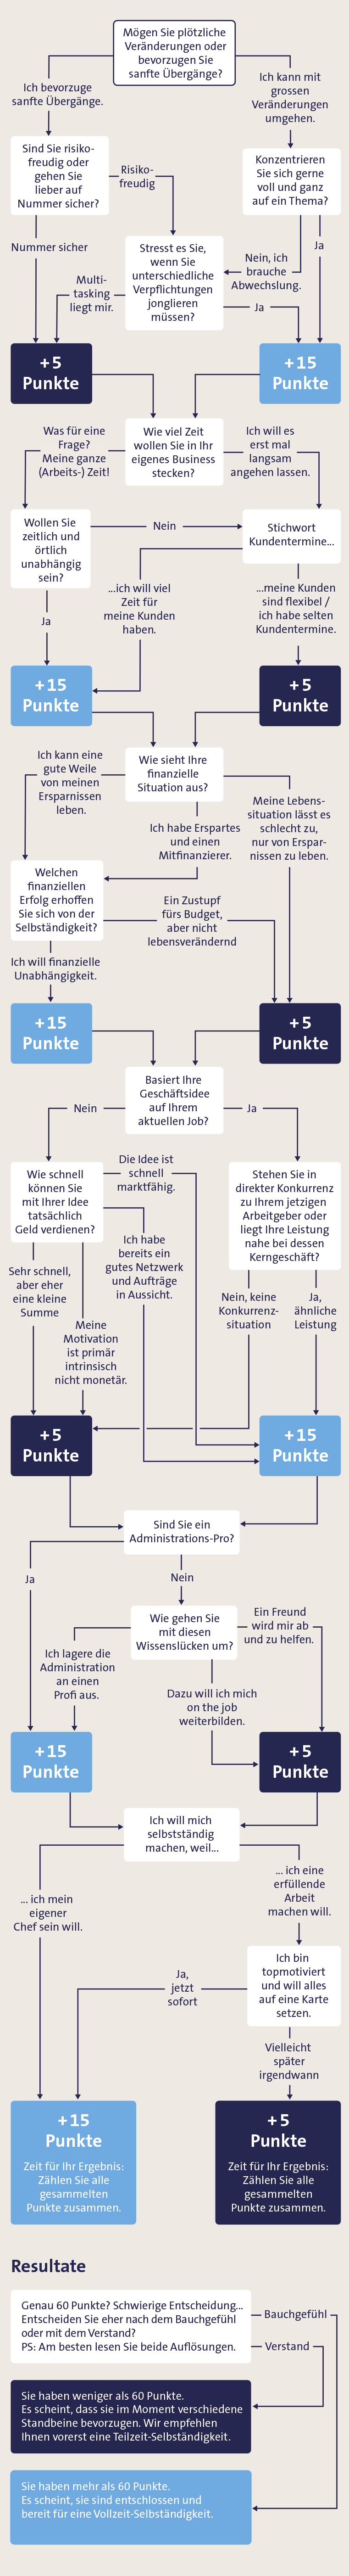 Entscheidungsbaum zur Selbständigkeit